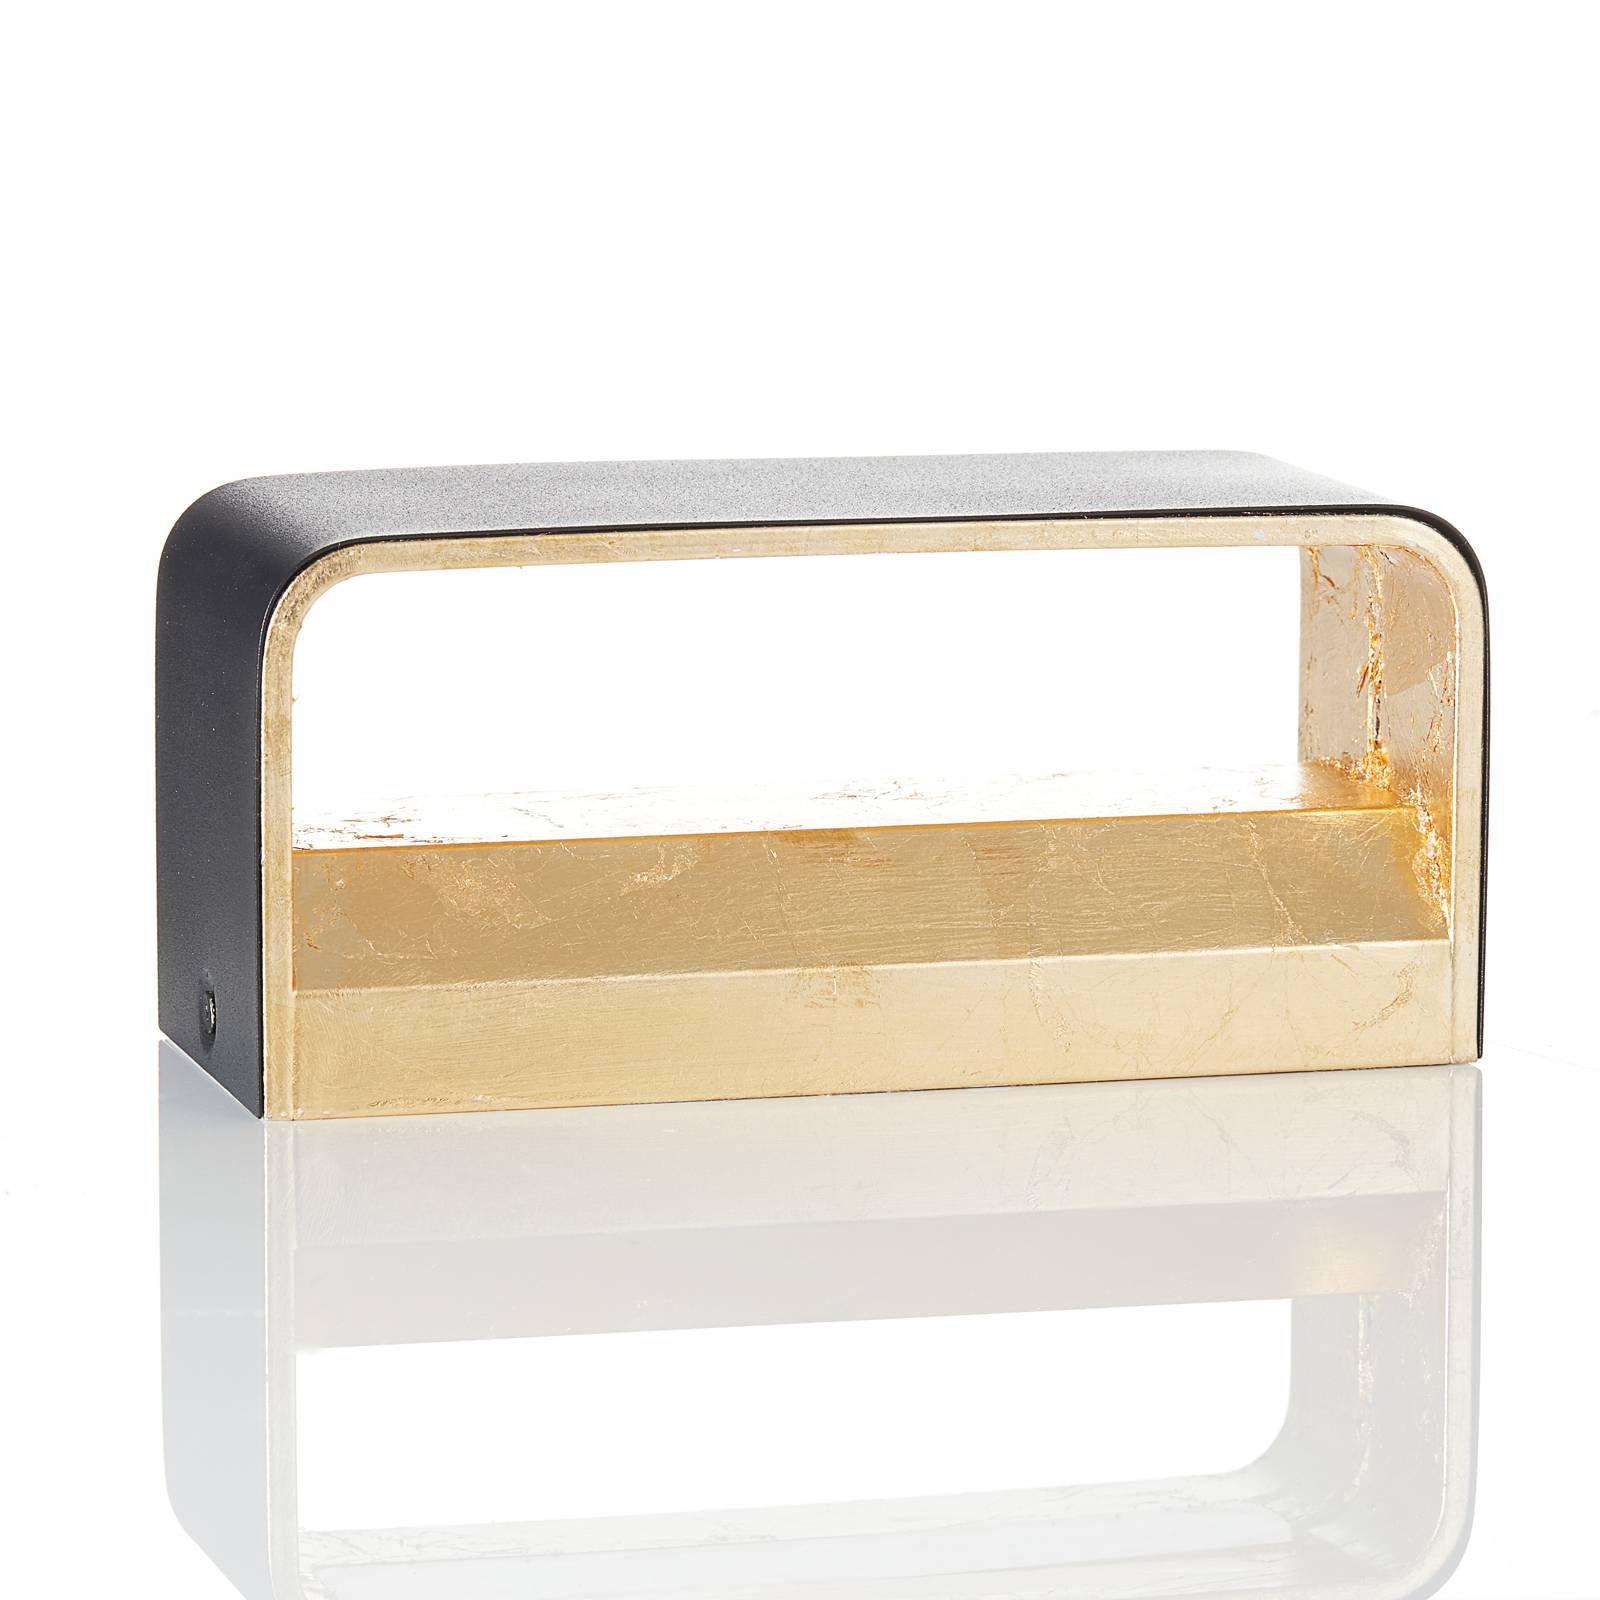 Lucande Sessa LED-vegglampe 20 cm svart-gull